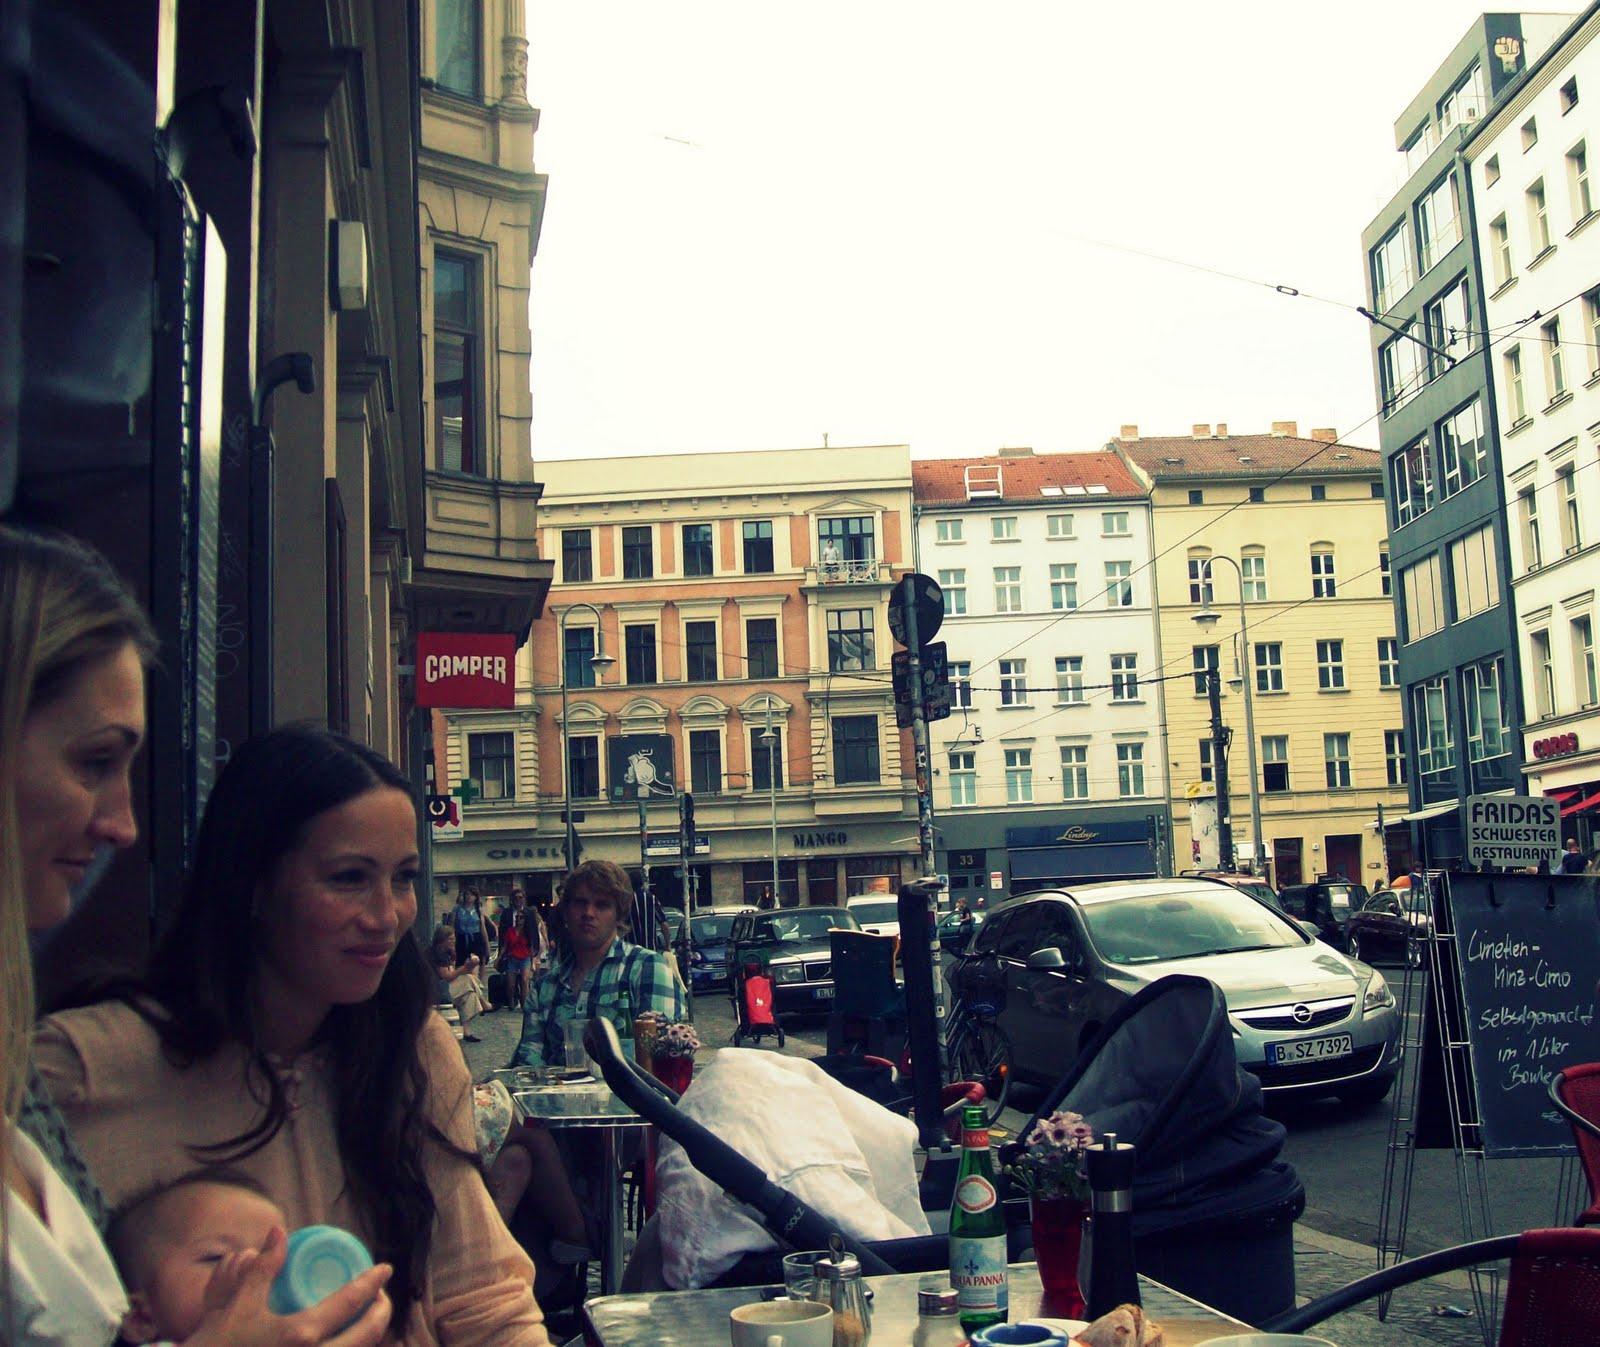 Bilder von Berlin